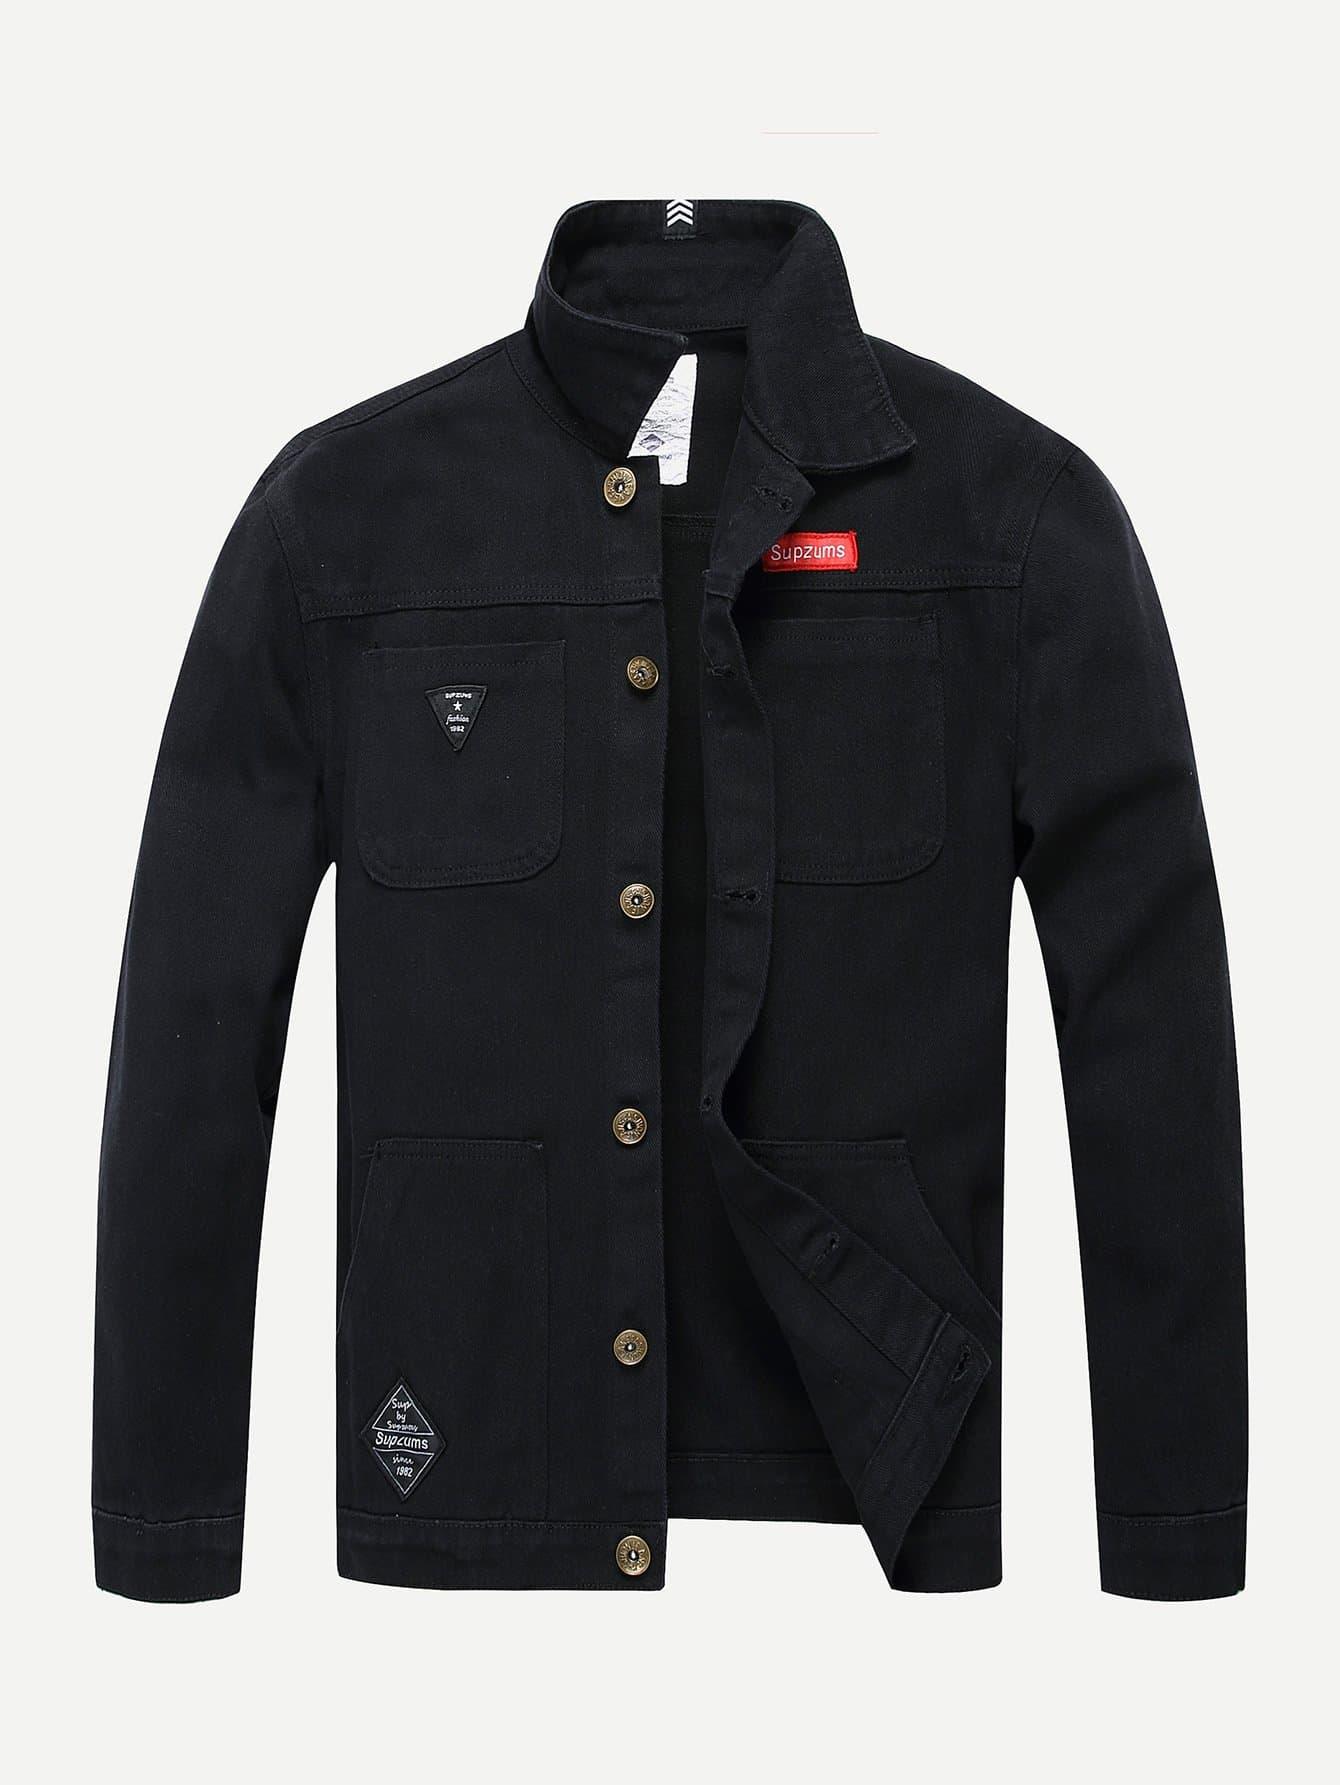 Мужчины Латали Украшение Джинсовой Куртке